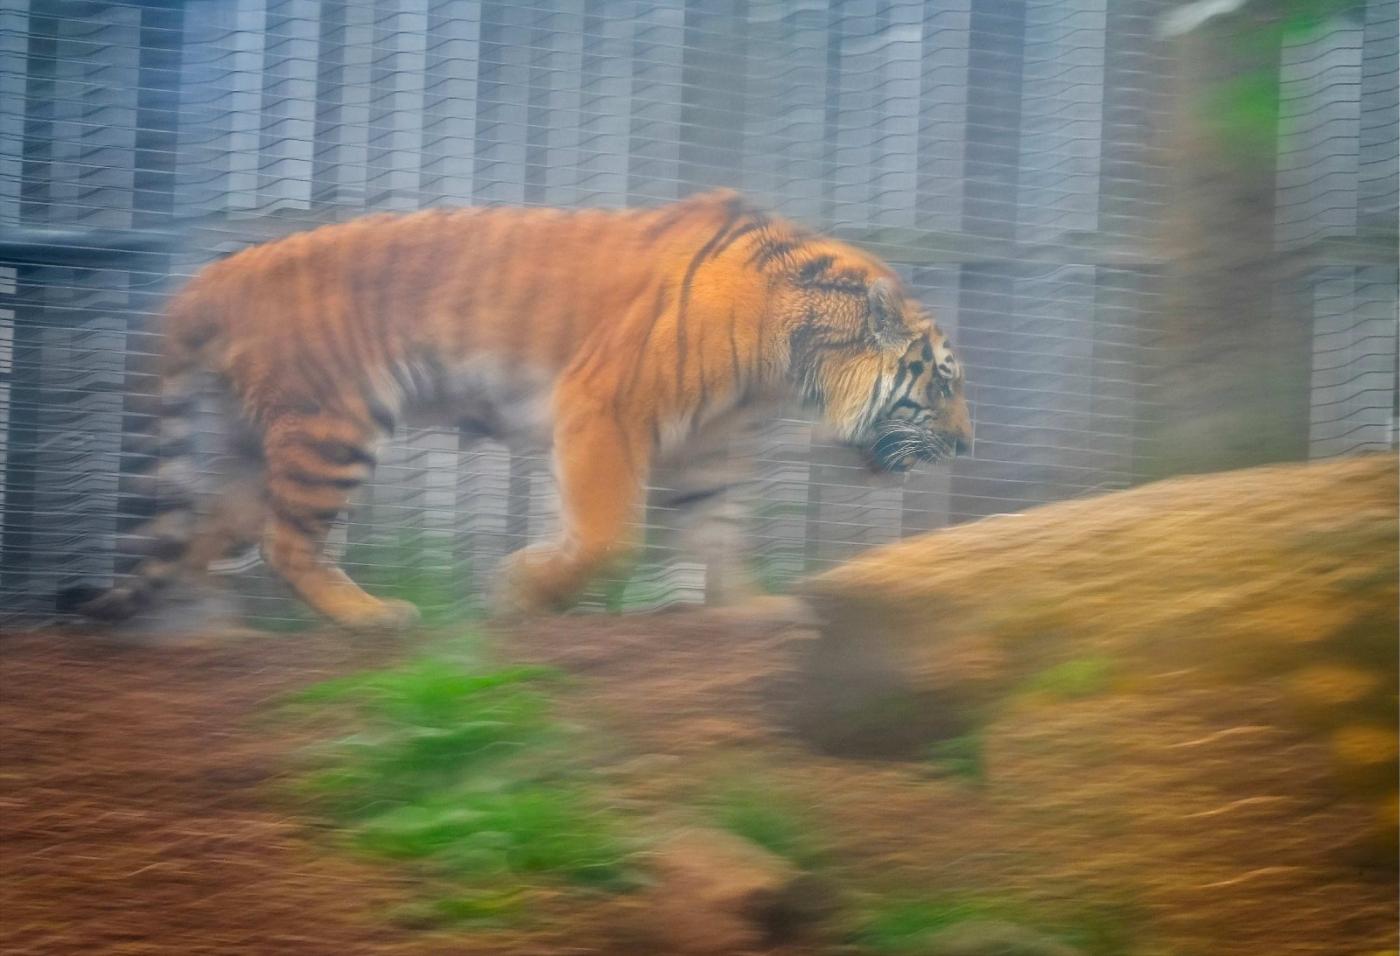 动物园拍虎记【心想事成】_图1-4